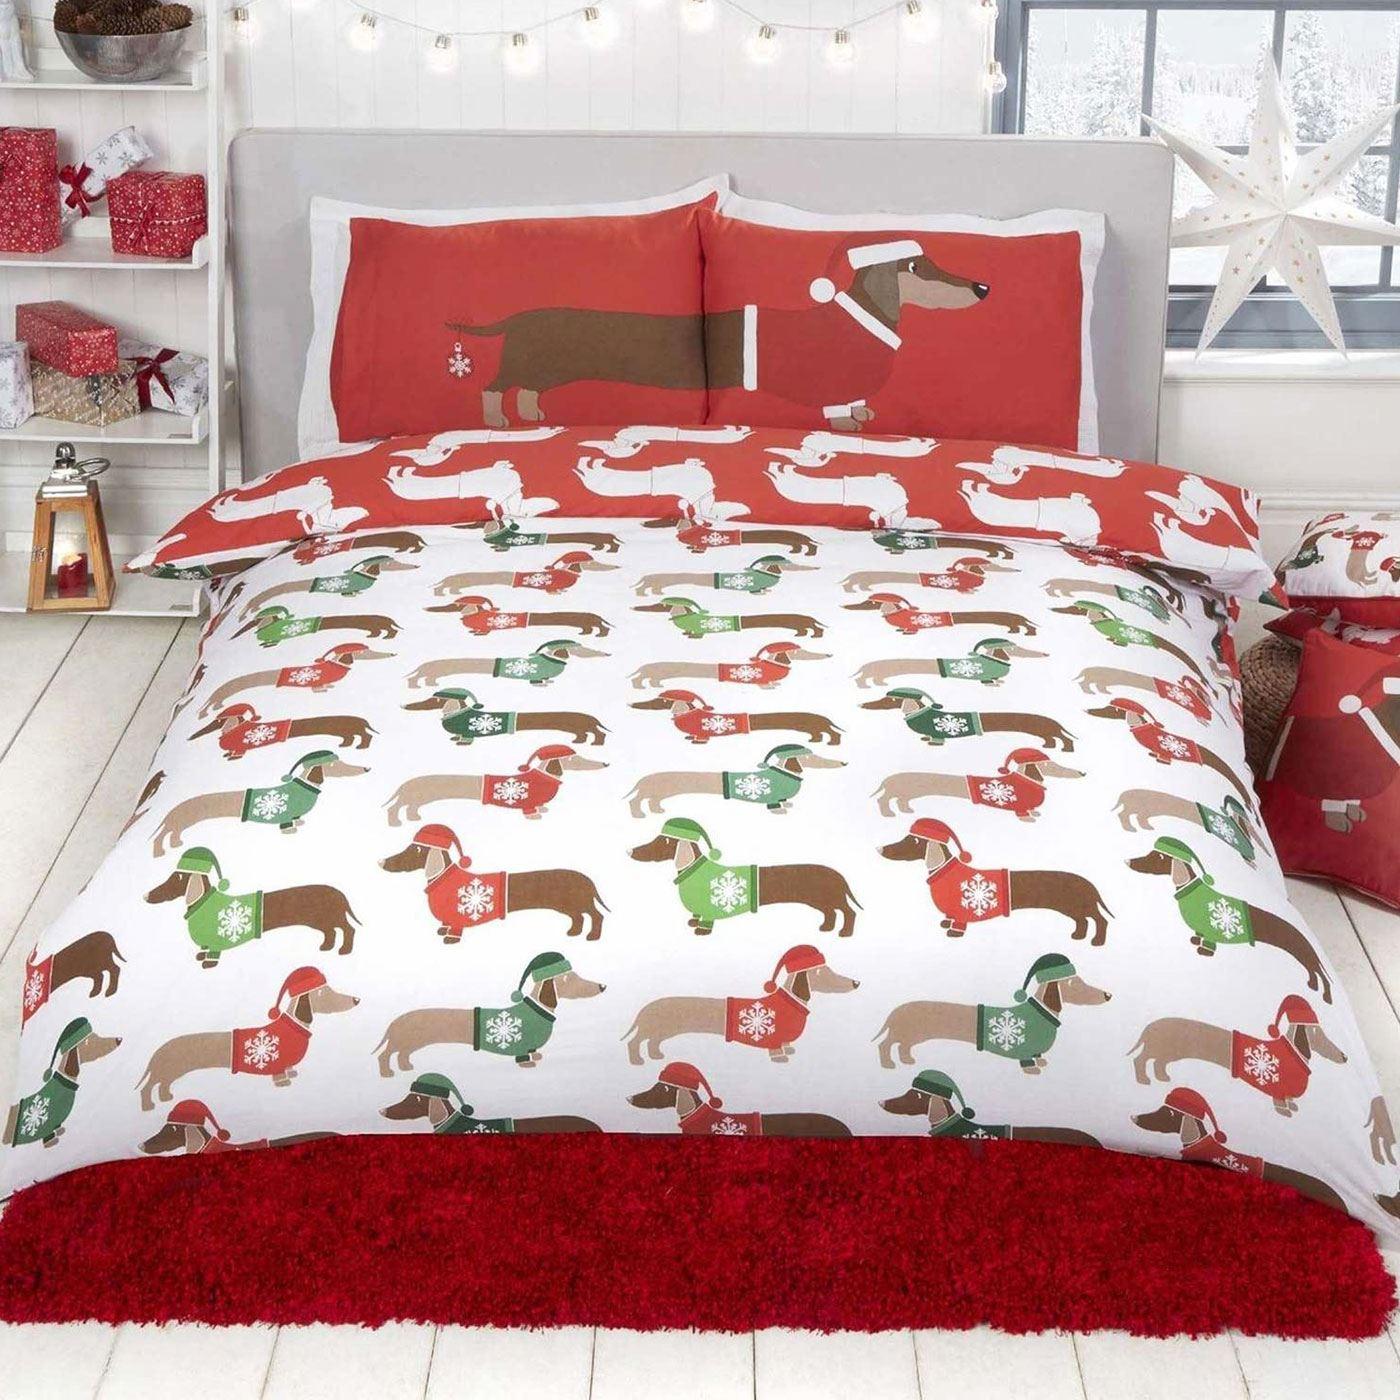 Indexbild 74 - Kinder Weihnachten Bettbezug Sets - Junior Einzel Doppel King - Elf Emoji Grinch